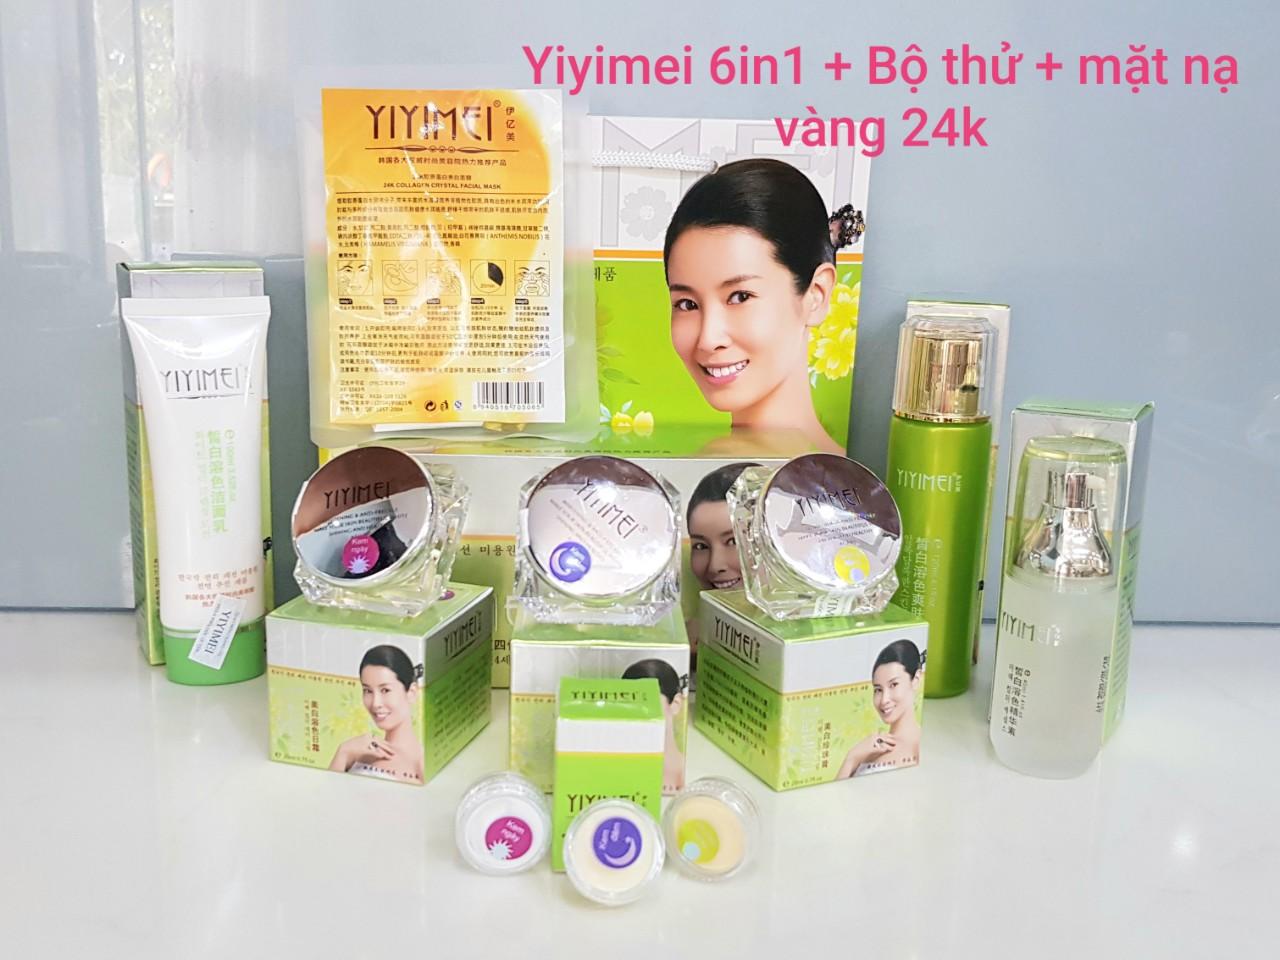 Kem trị nám yiyimei chính hãng, Kem trắng da Yiyimei 6in1 trị nám, tàn nhang kết hợp làm trắng (phải có bộ thử và mặt nạ vàng 24k kèm theo)